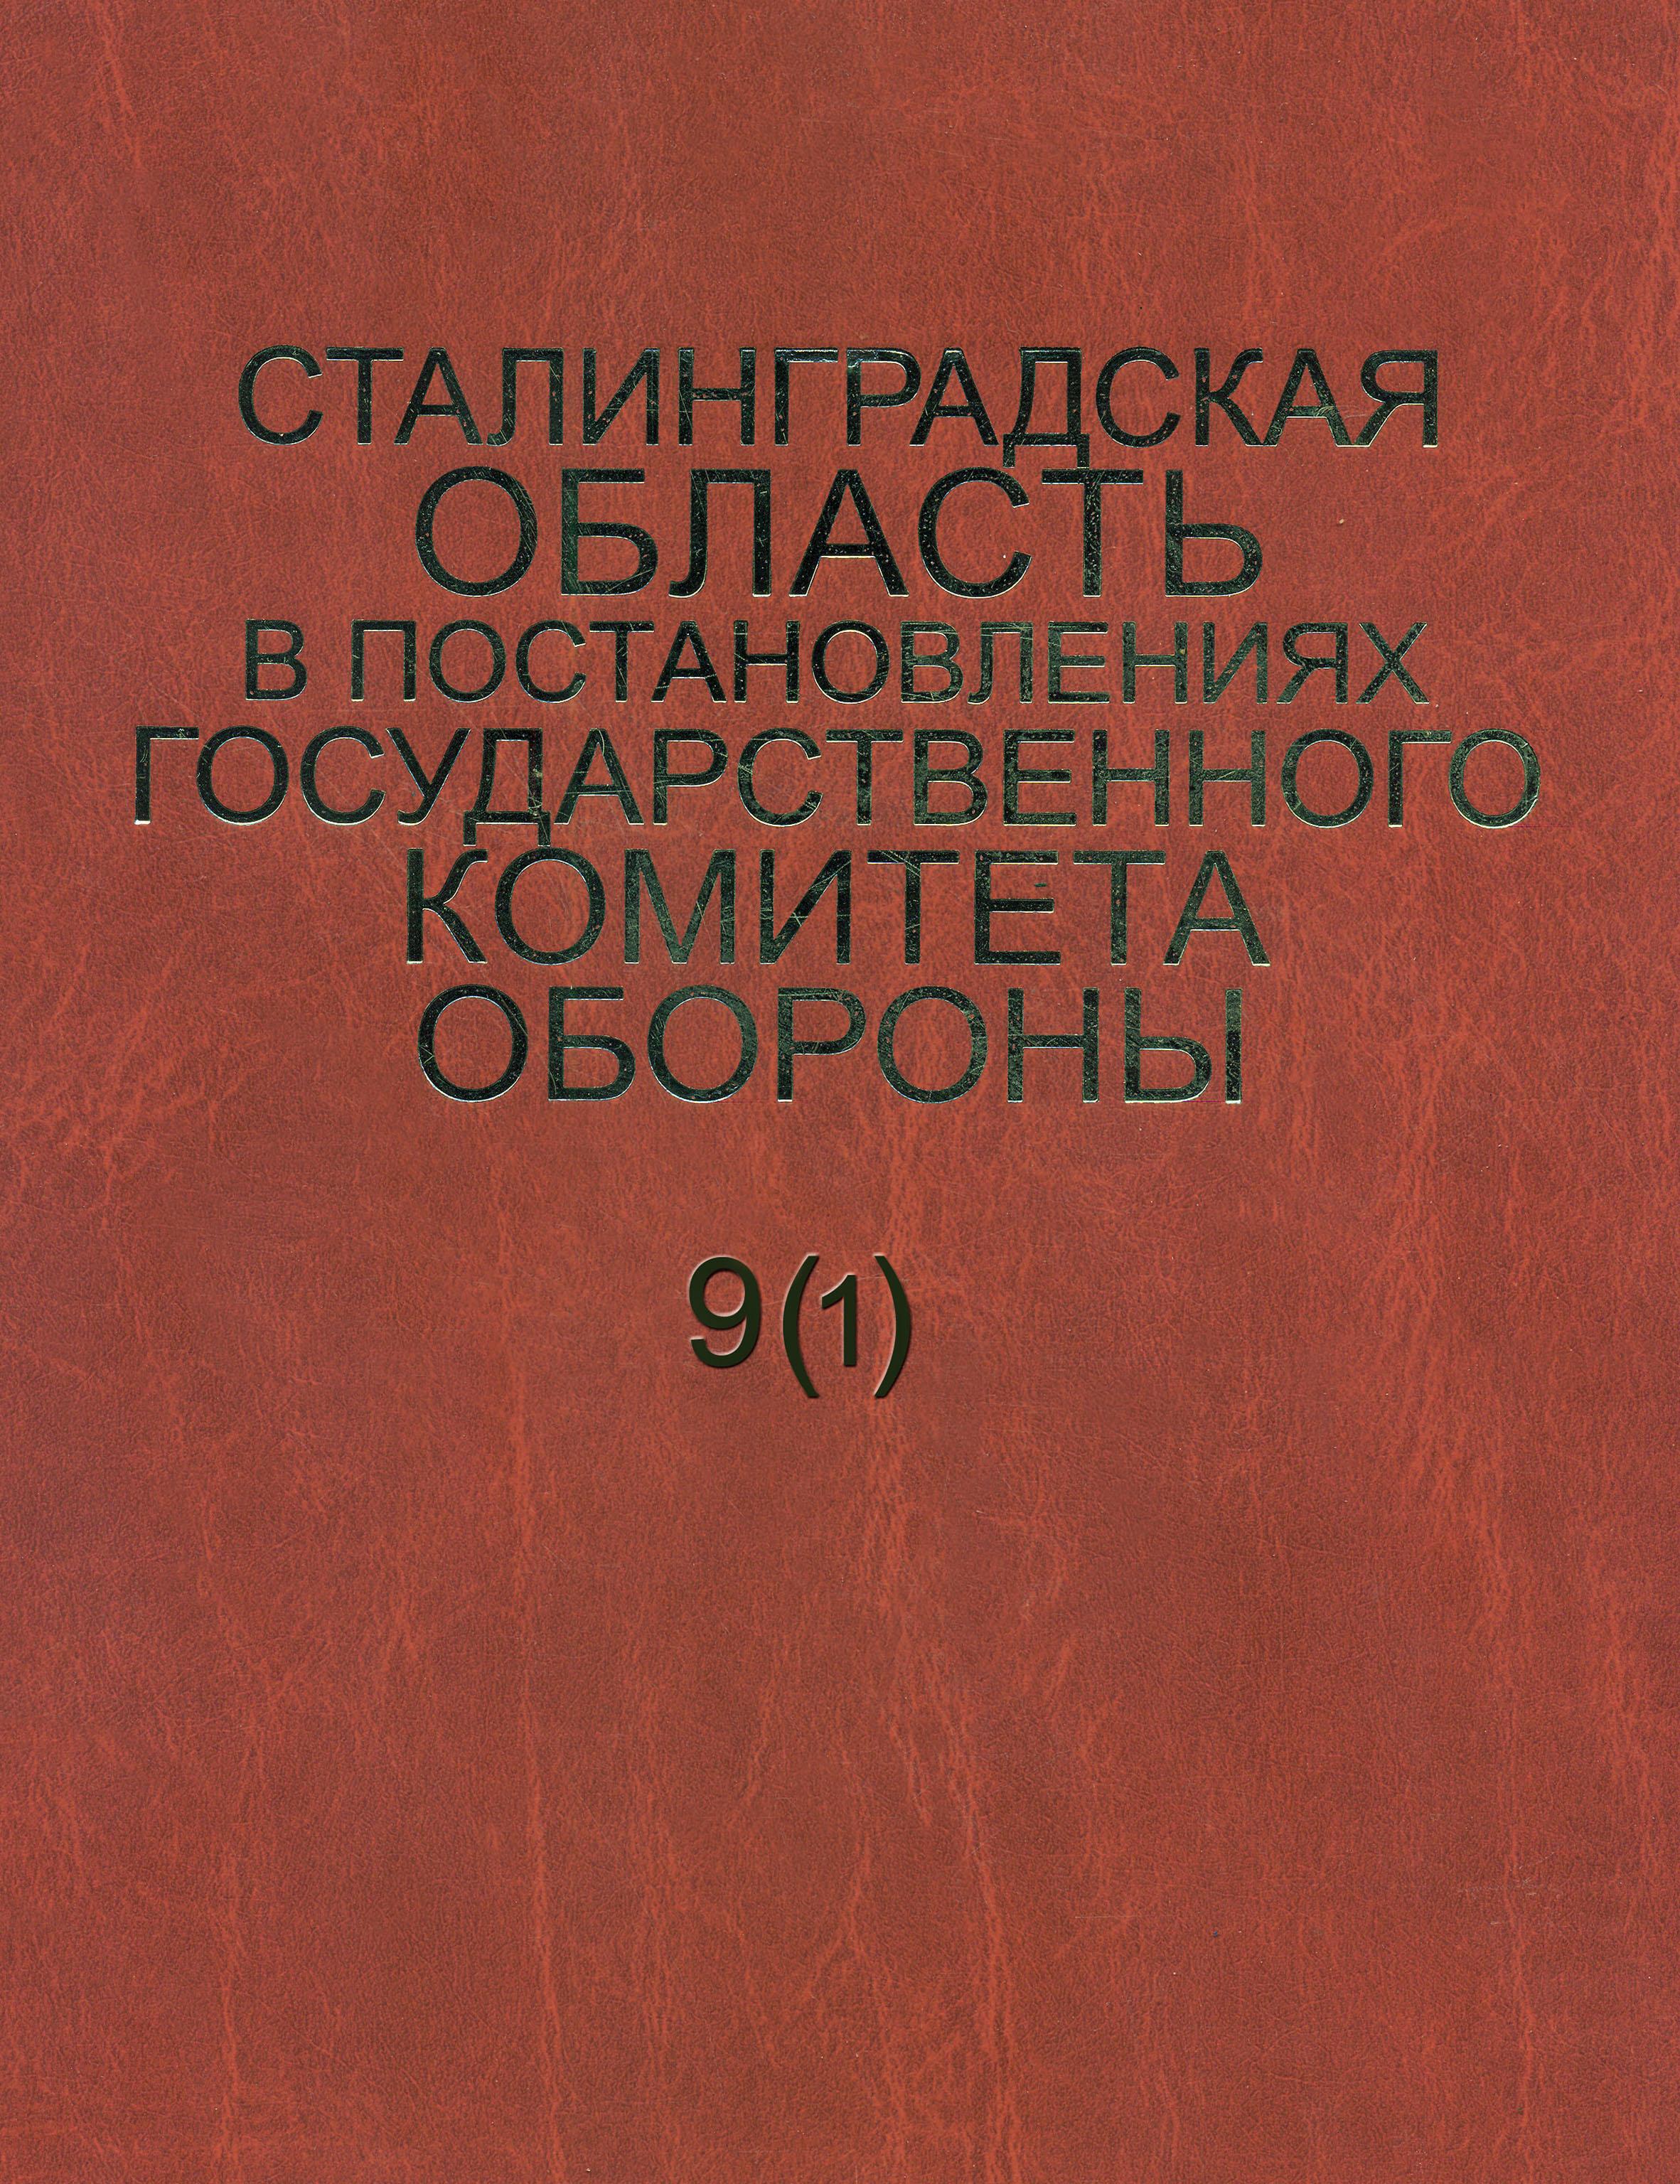 stalingradskaya oblast v postanovleniyakh gosudarstvennogo komiteta oborony 19411942 chast 1